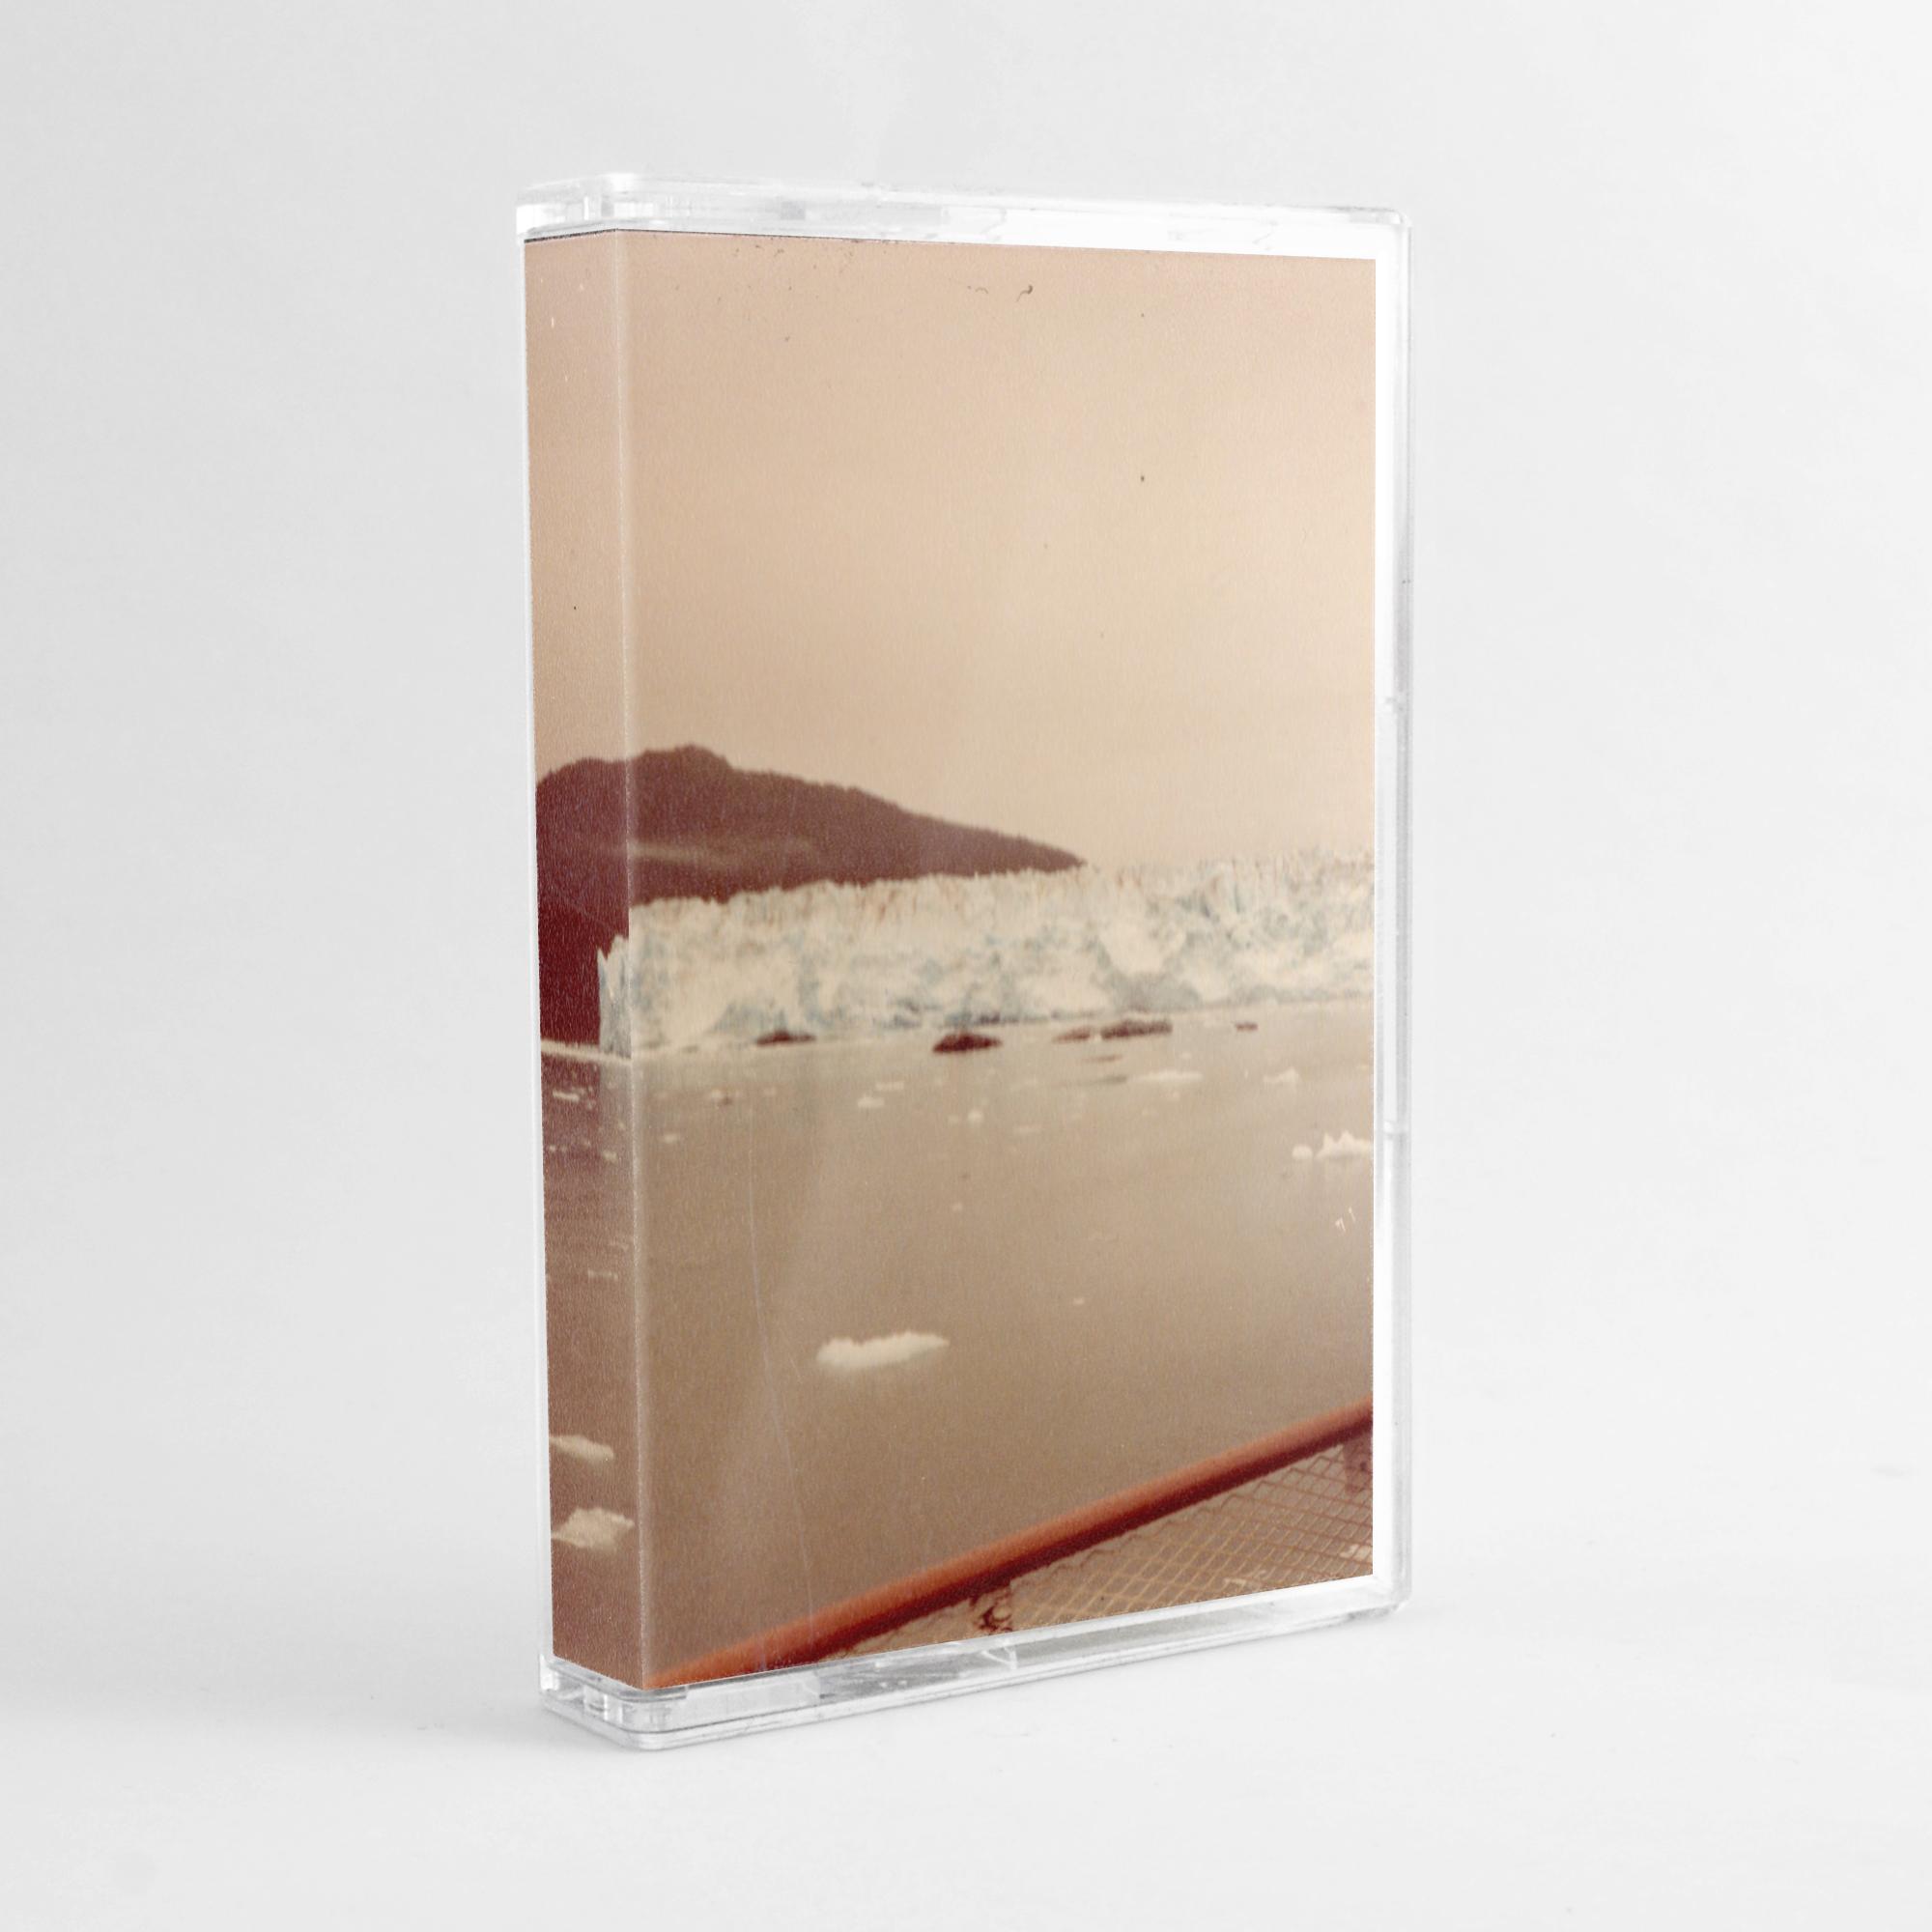 Maria BC - Devil's Rain EP